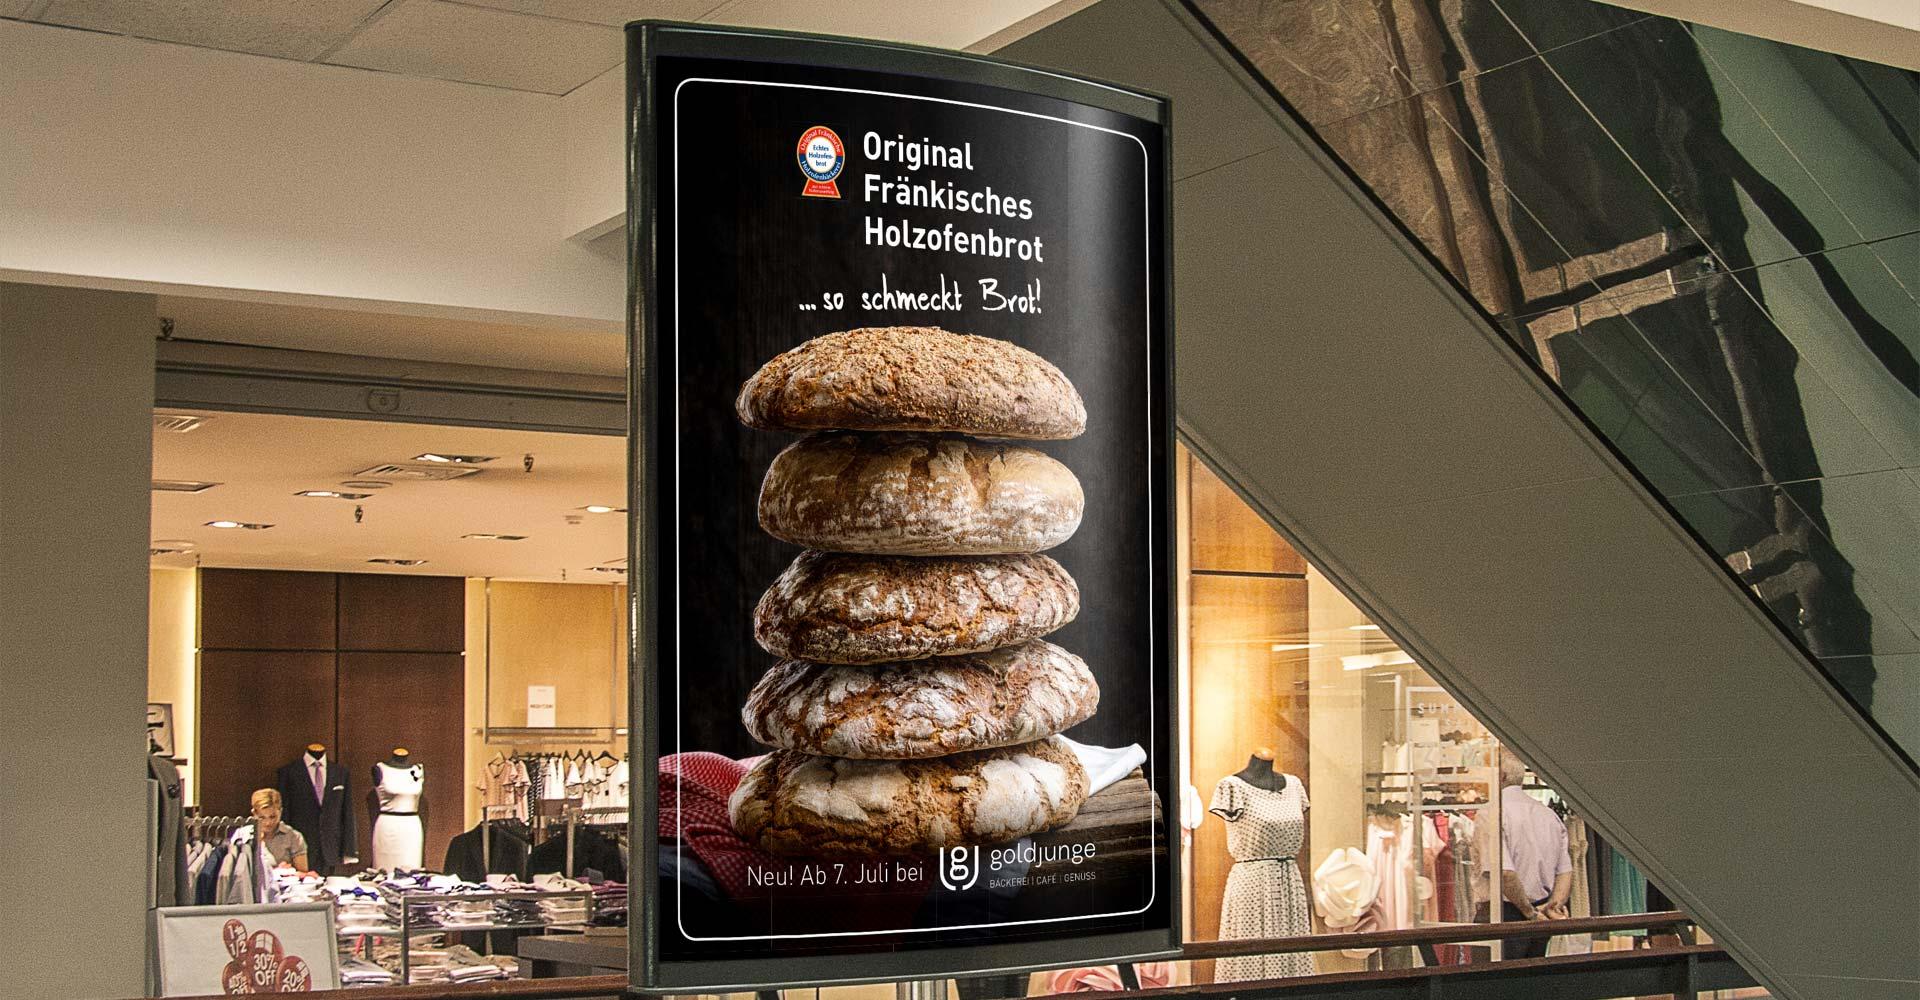 OPUS Marketing / goldjunge Holzofenbrot / Holzofenbrot Plakat